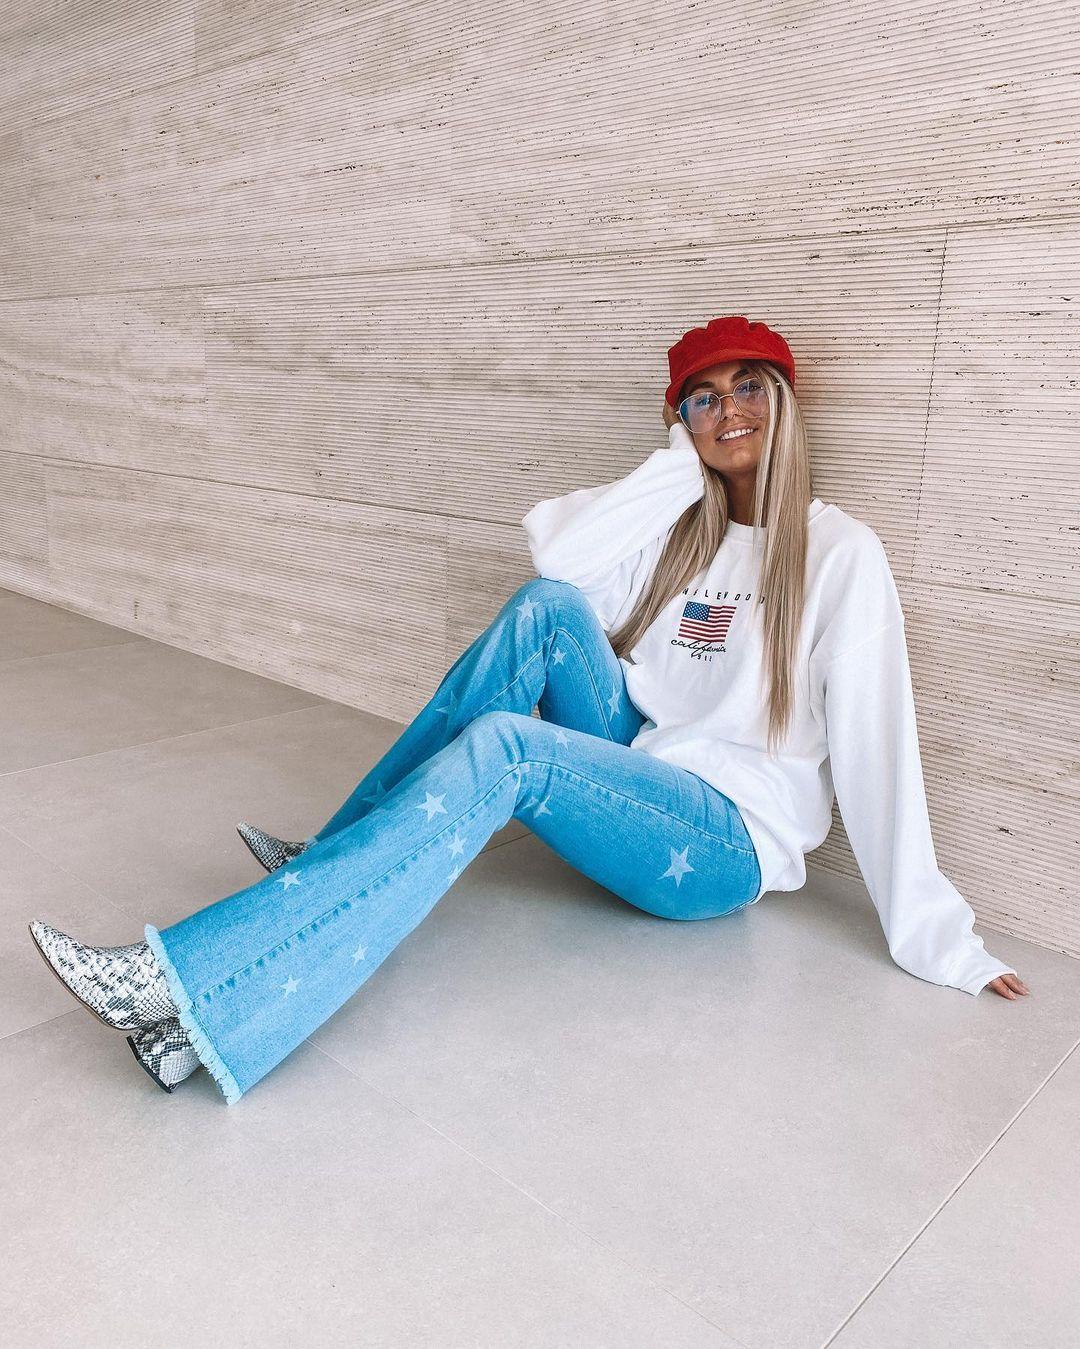 Yasmin-Deborah-Morgana-Wallpapers-Insta-Fit-Bio-4